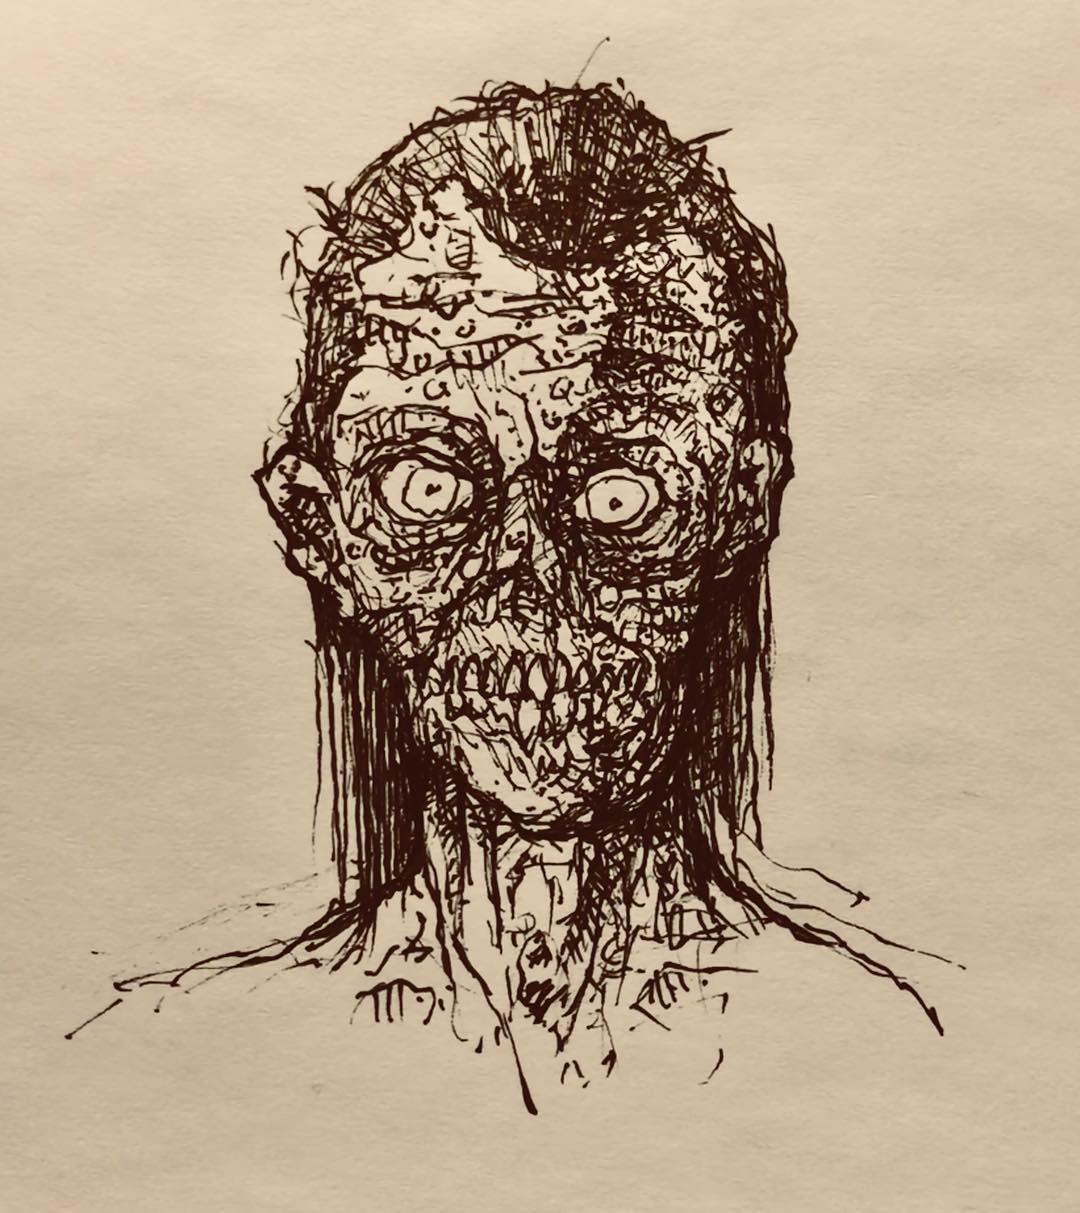 Meeting Zombie